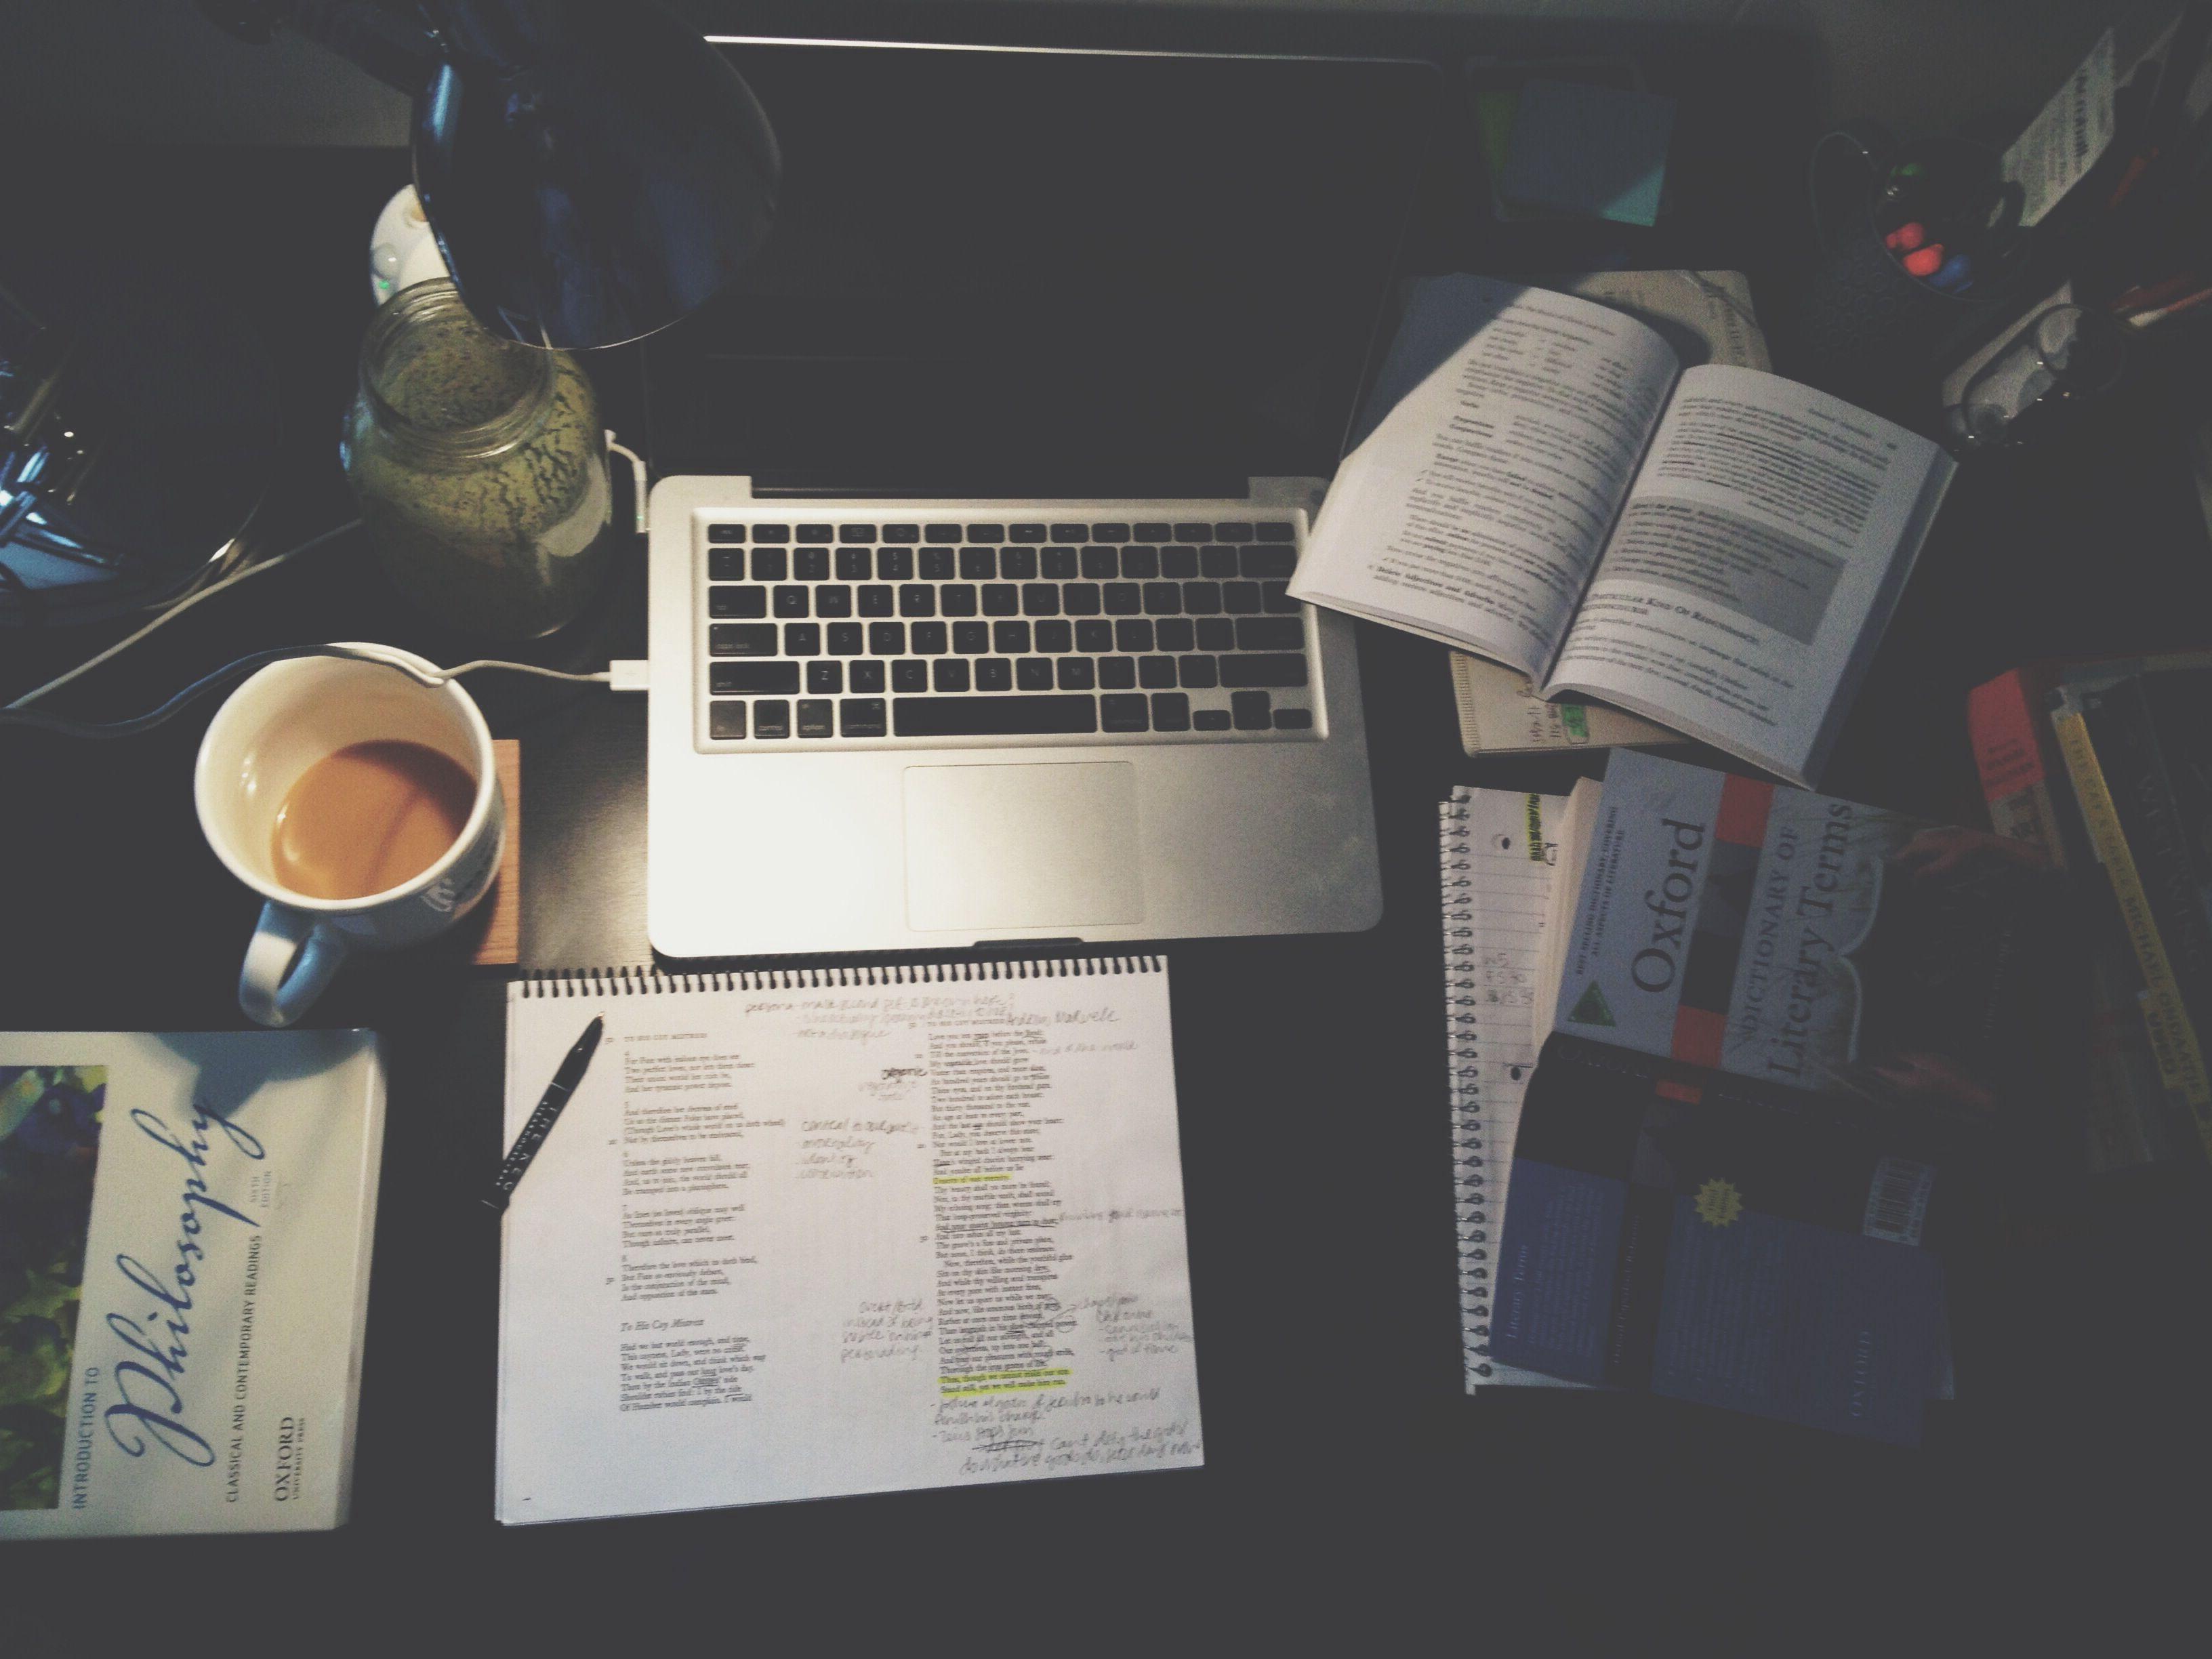 How-To-Study.com